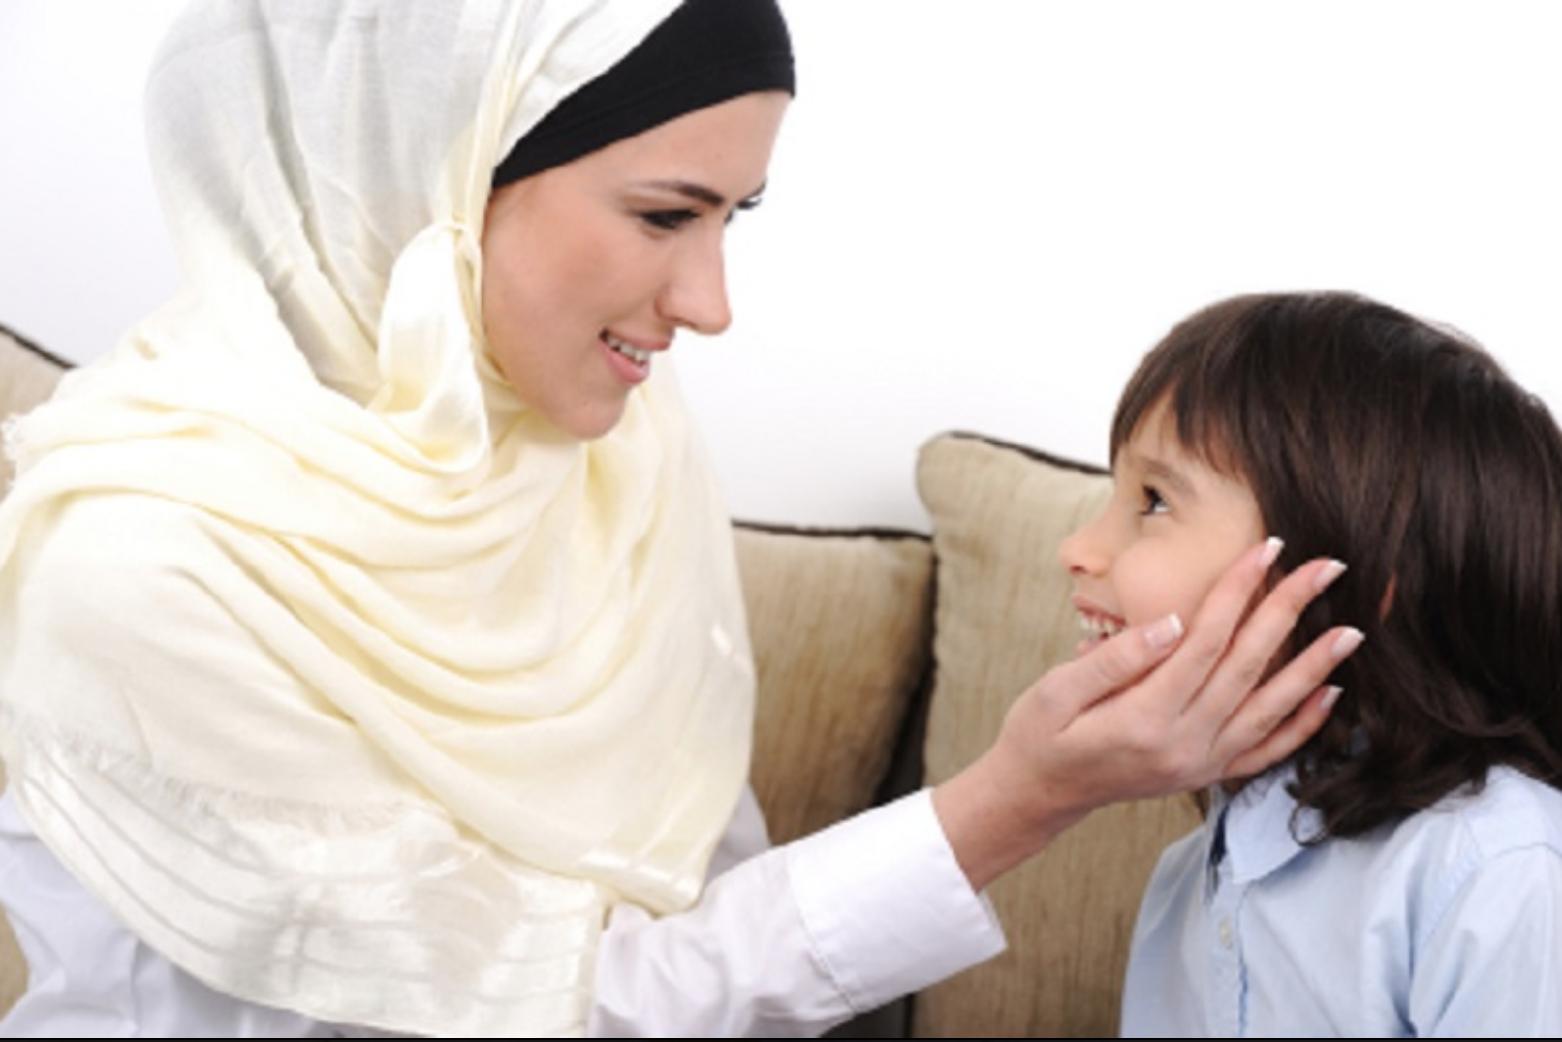 Nilai Ulangan Anak Mengecewakan? Saatnya Terapkan Parental Coaching!